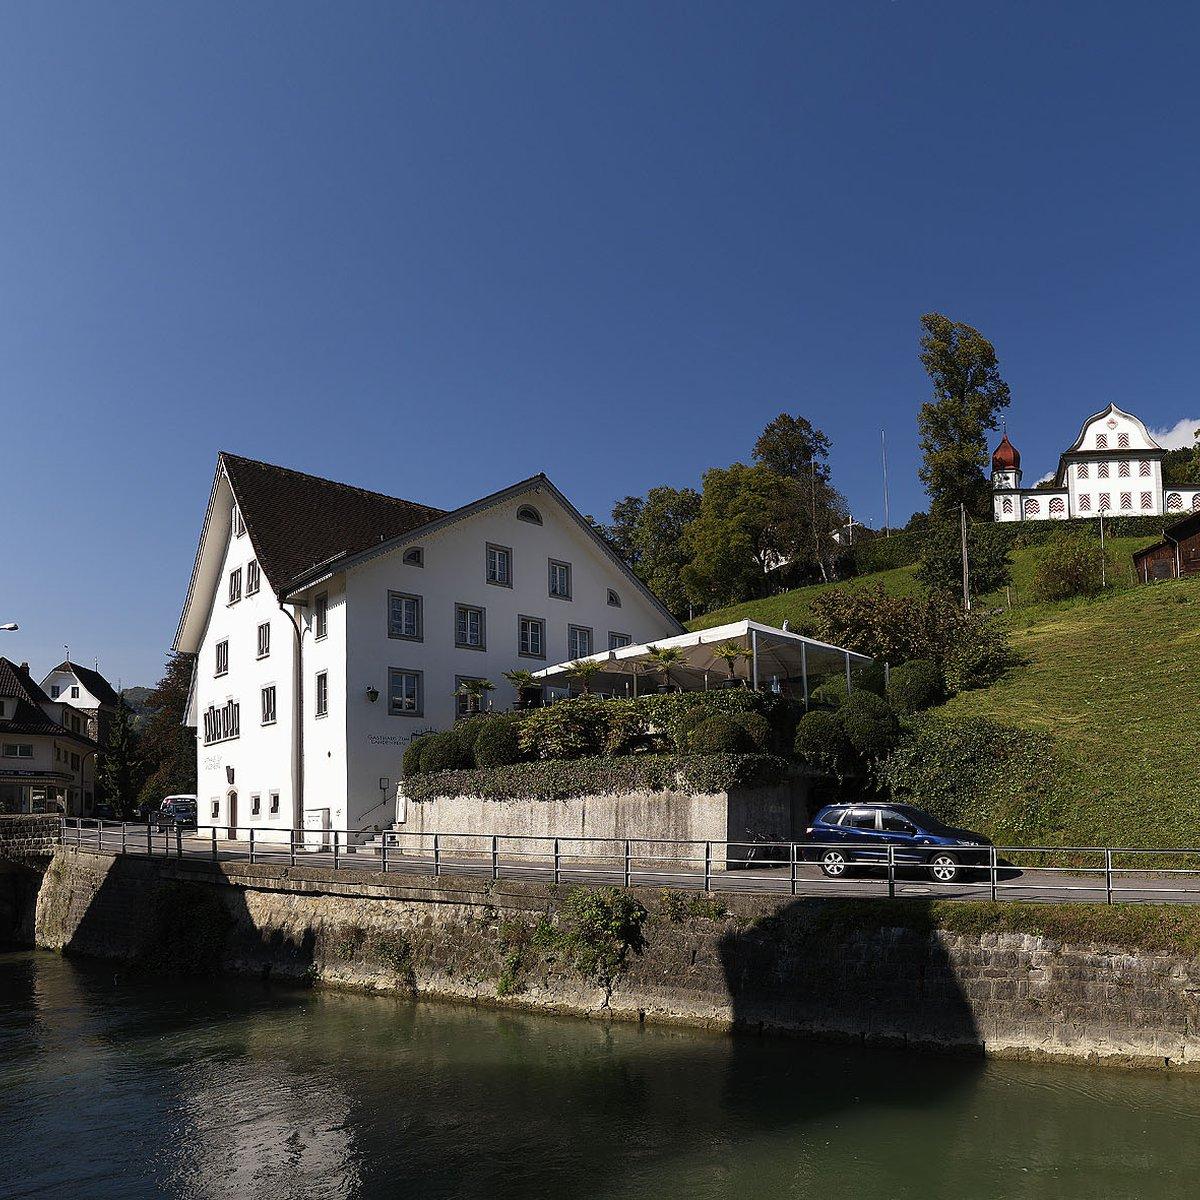 Das unter eidg. Denkmalschutz gestellte Gebäude (1547)